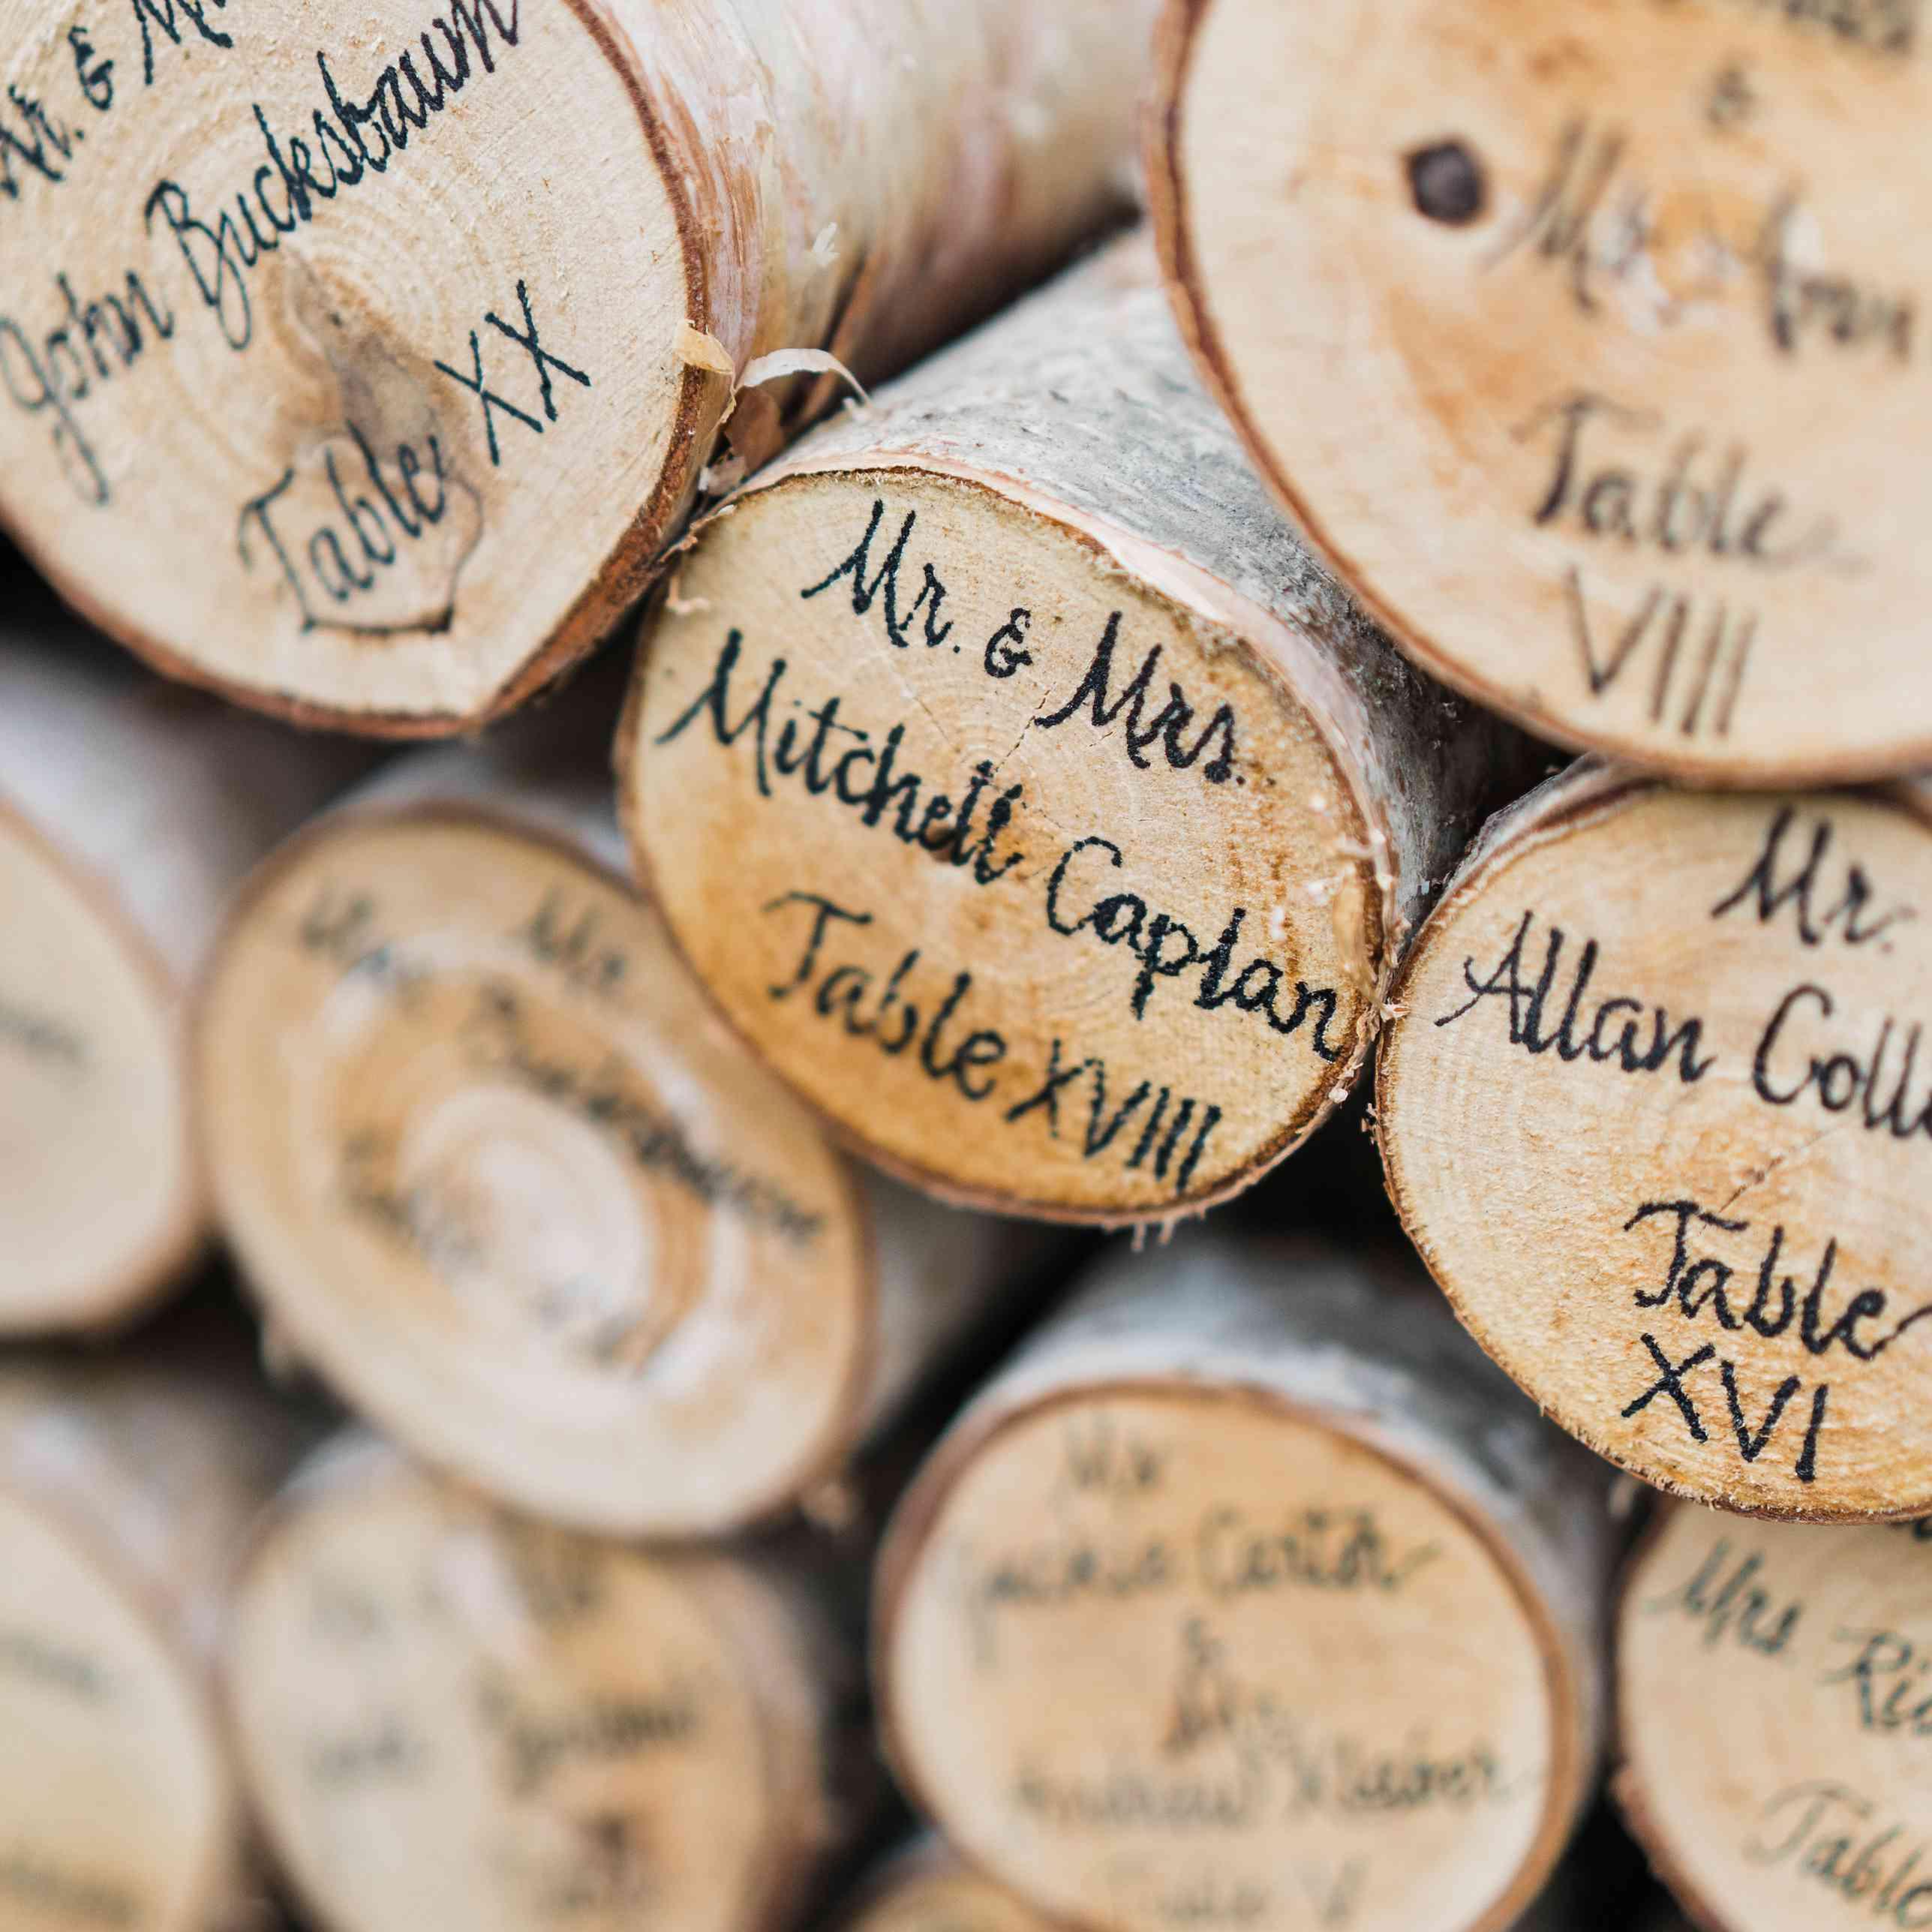 Fall Wedding Card Box Ideas: 11 Fall Wedding Escort Card Ideas